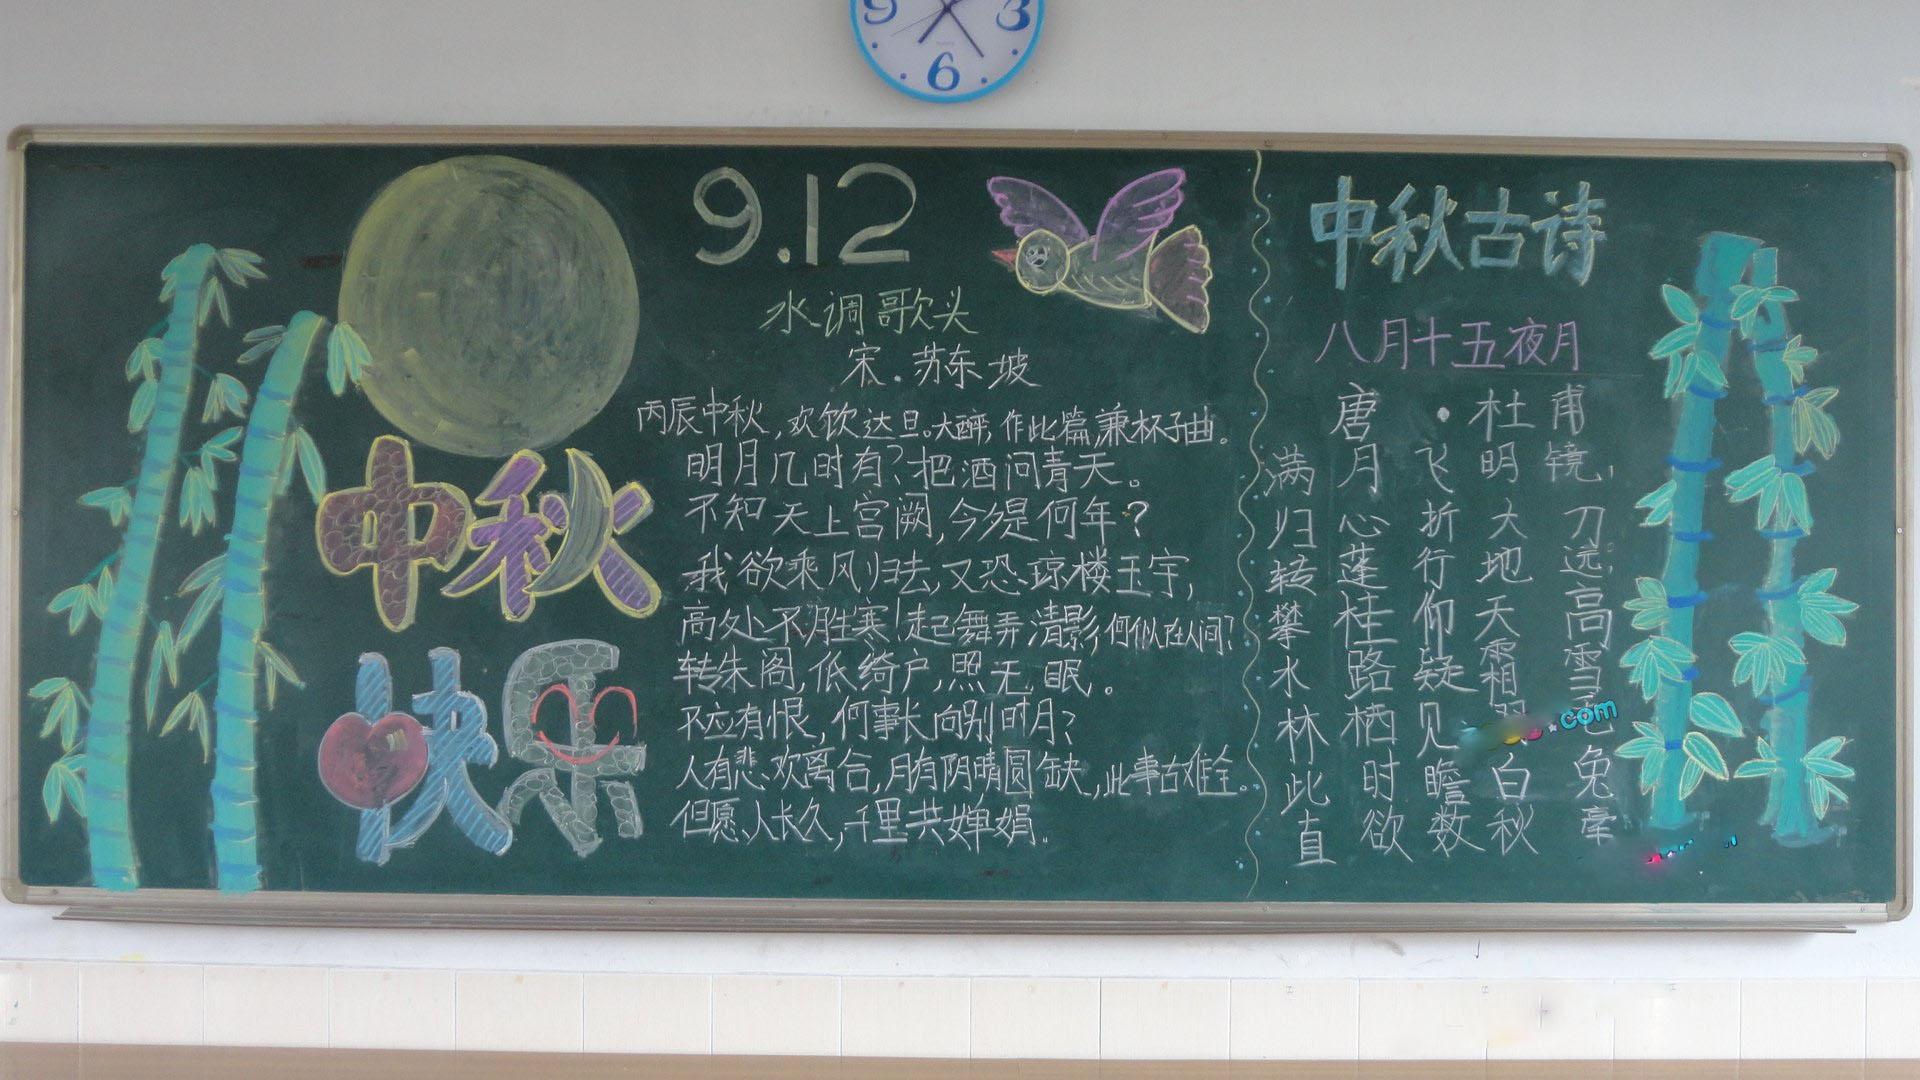 14年中秋节黑板报内容